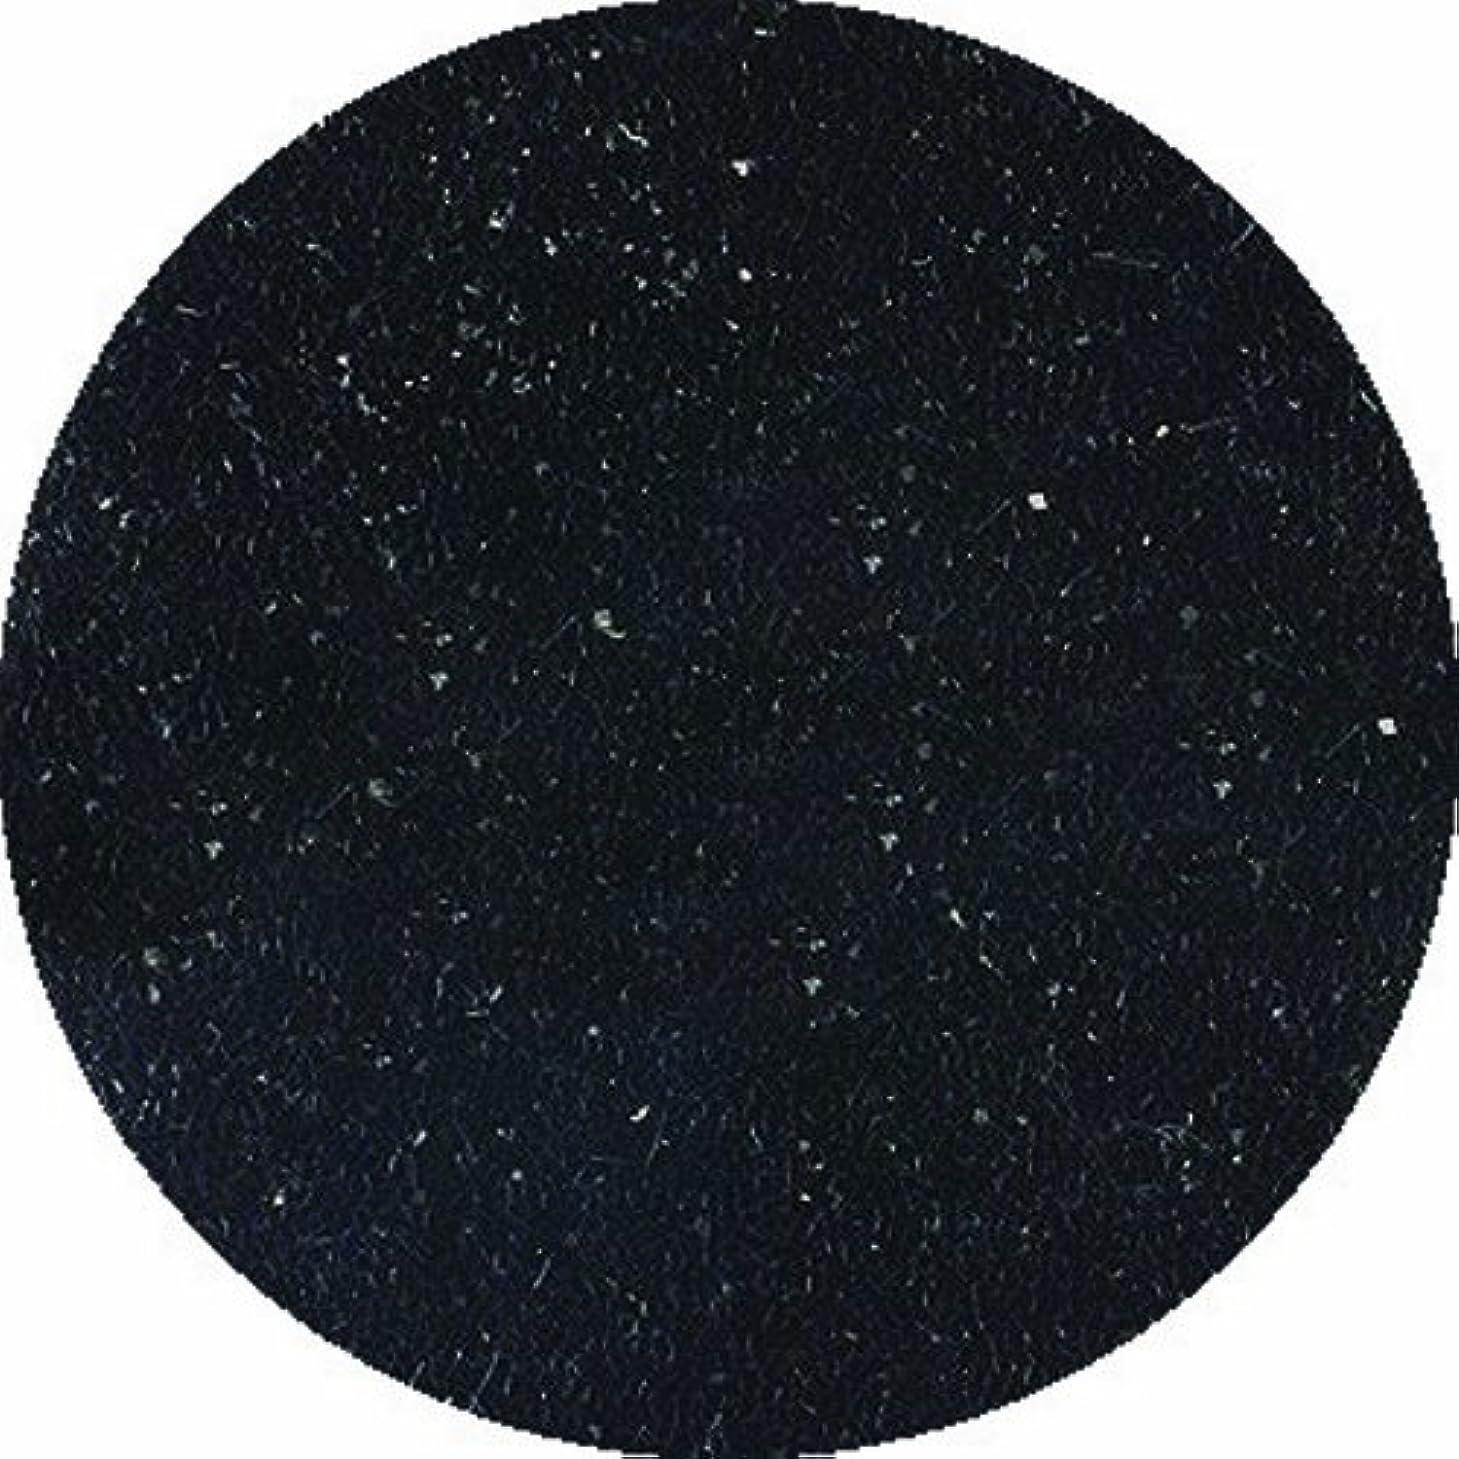 数学十一コンパニオンビューティーネイラー ネイル用パウダー 黒崎えり子 ジュエリーコレクション ブラック0.05mm